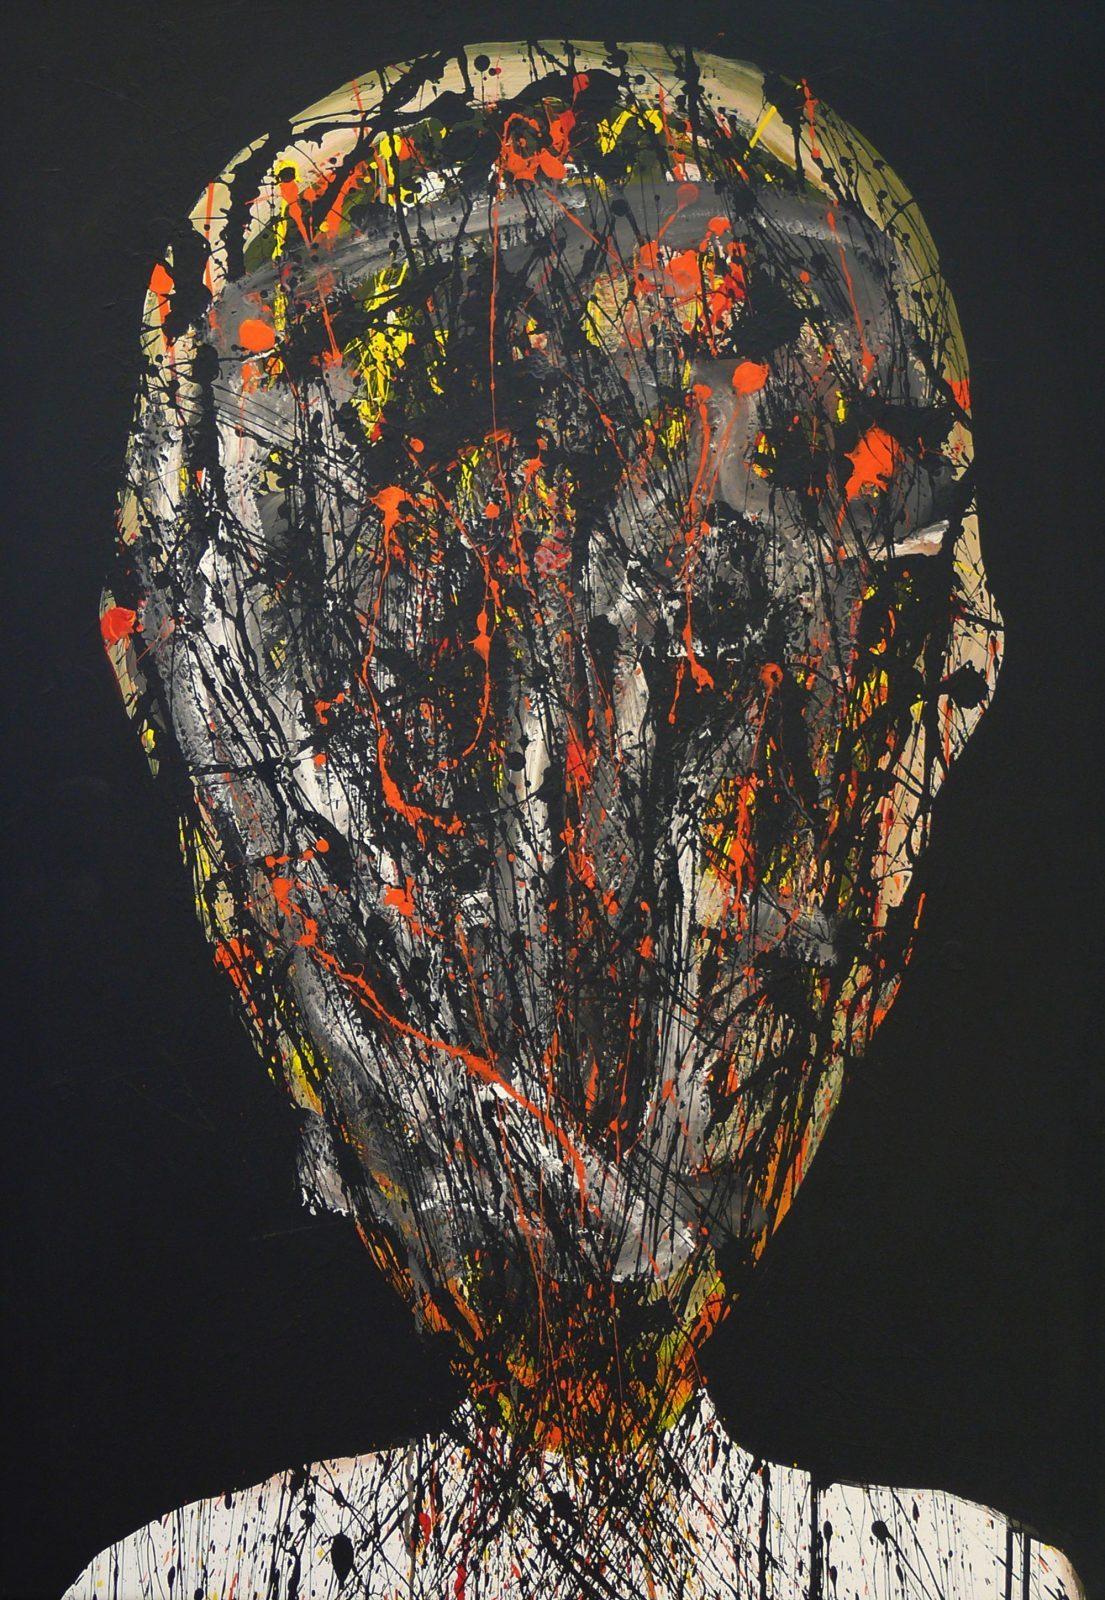 László feLugossy: Endless Heads 4.